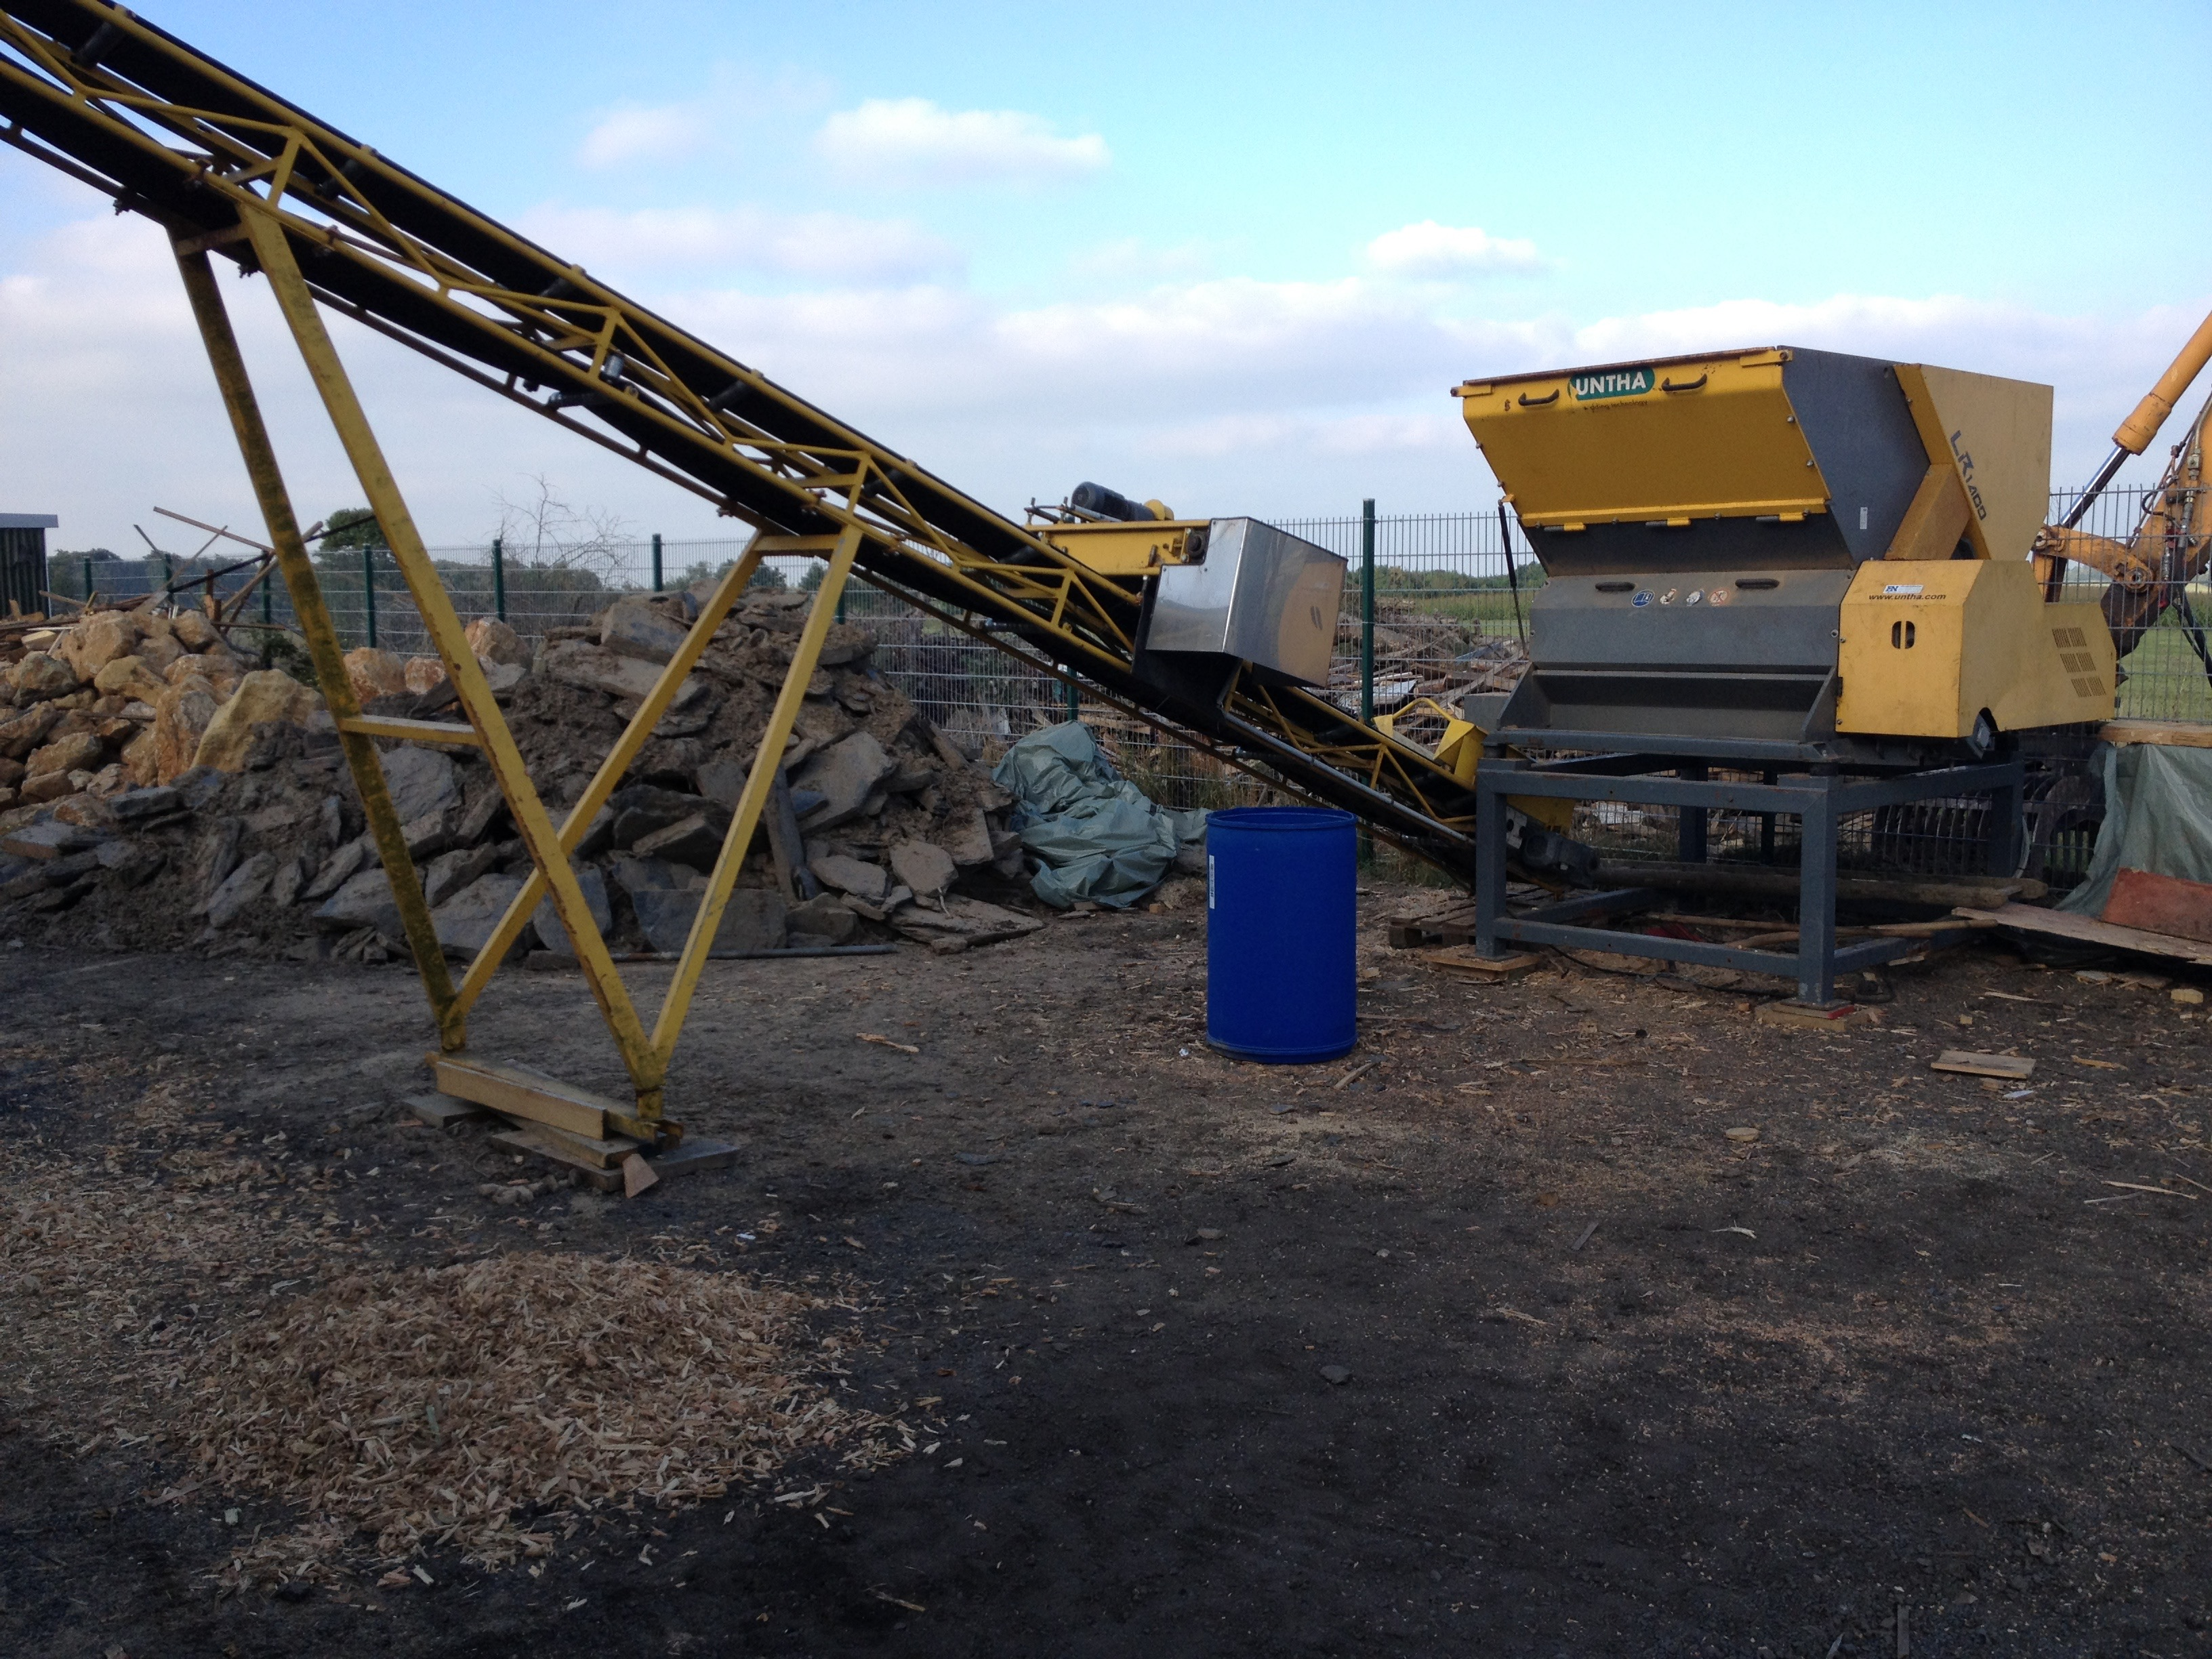 Tiefbauarbeiten Rheinbach Pflasterarbeiten Gartenbau Entwässerung Abriss